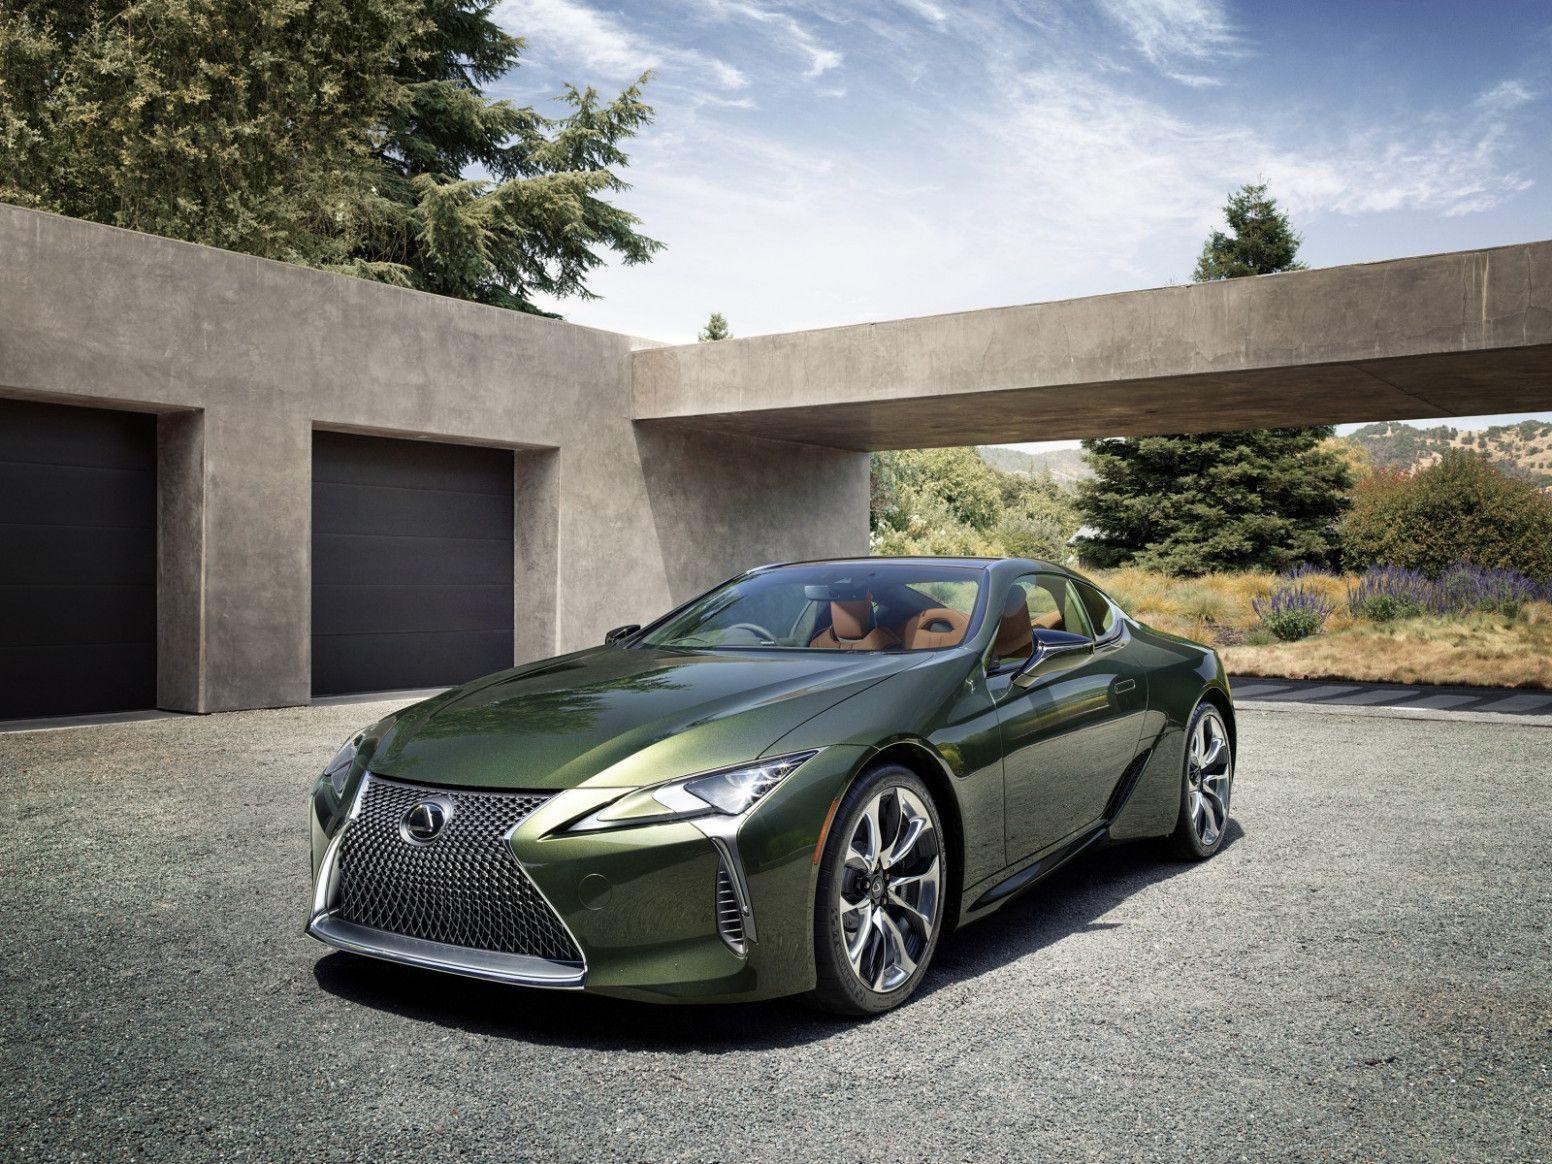 15 Shocking Facts About 2020 Lexus Touch Up Paint Lexus Lc Lexus Lexus Lfa